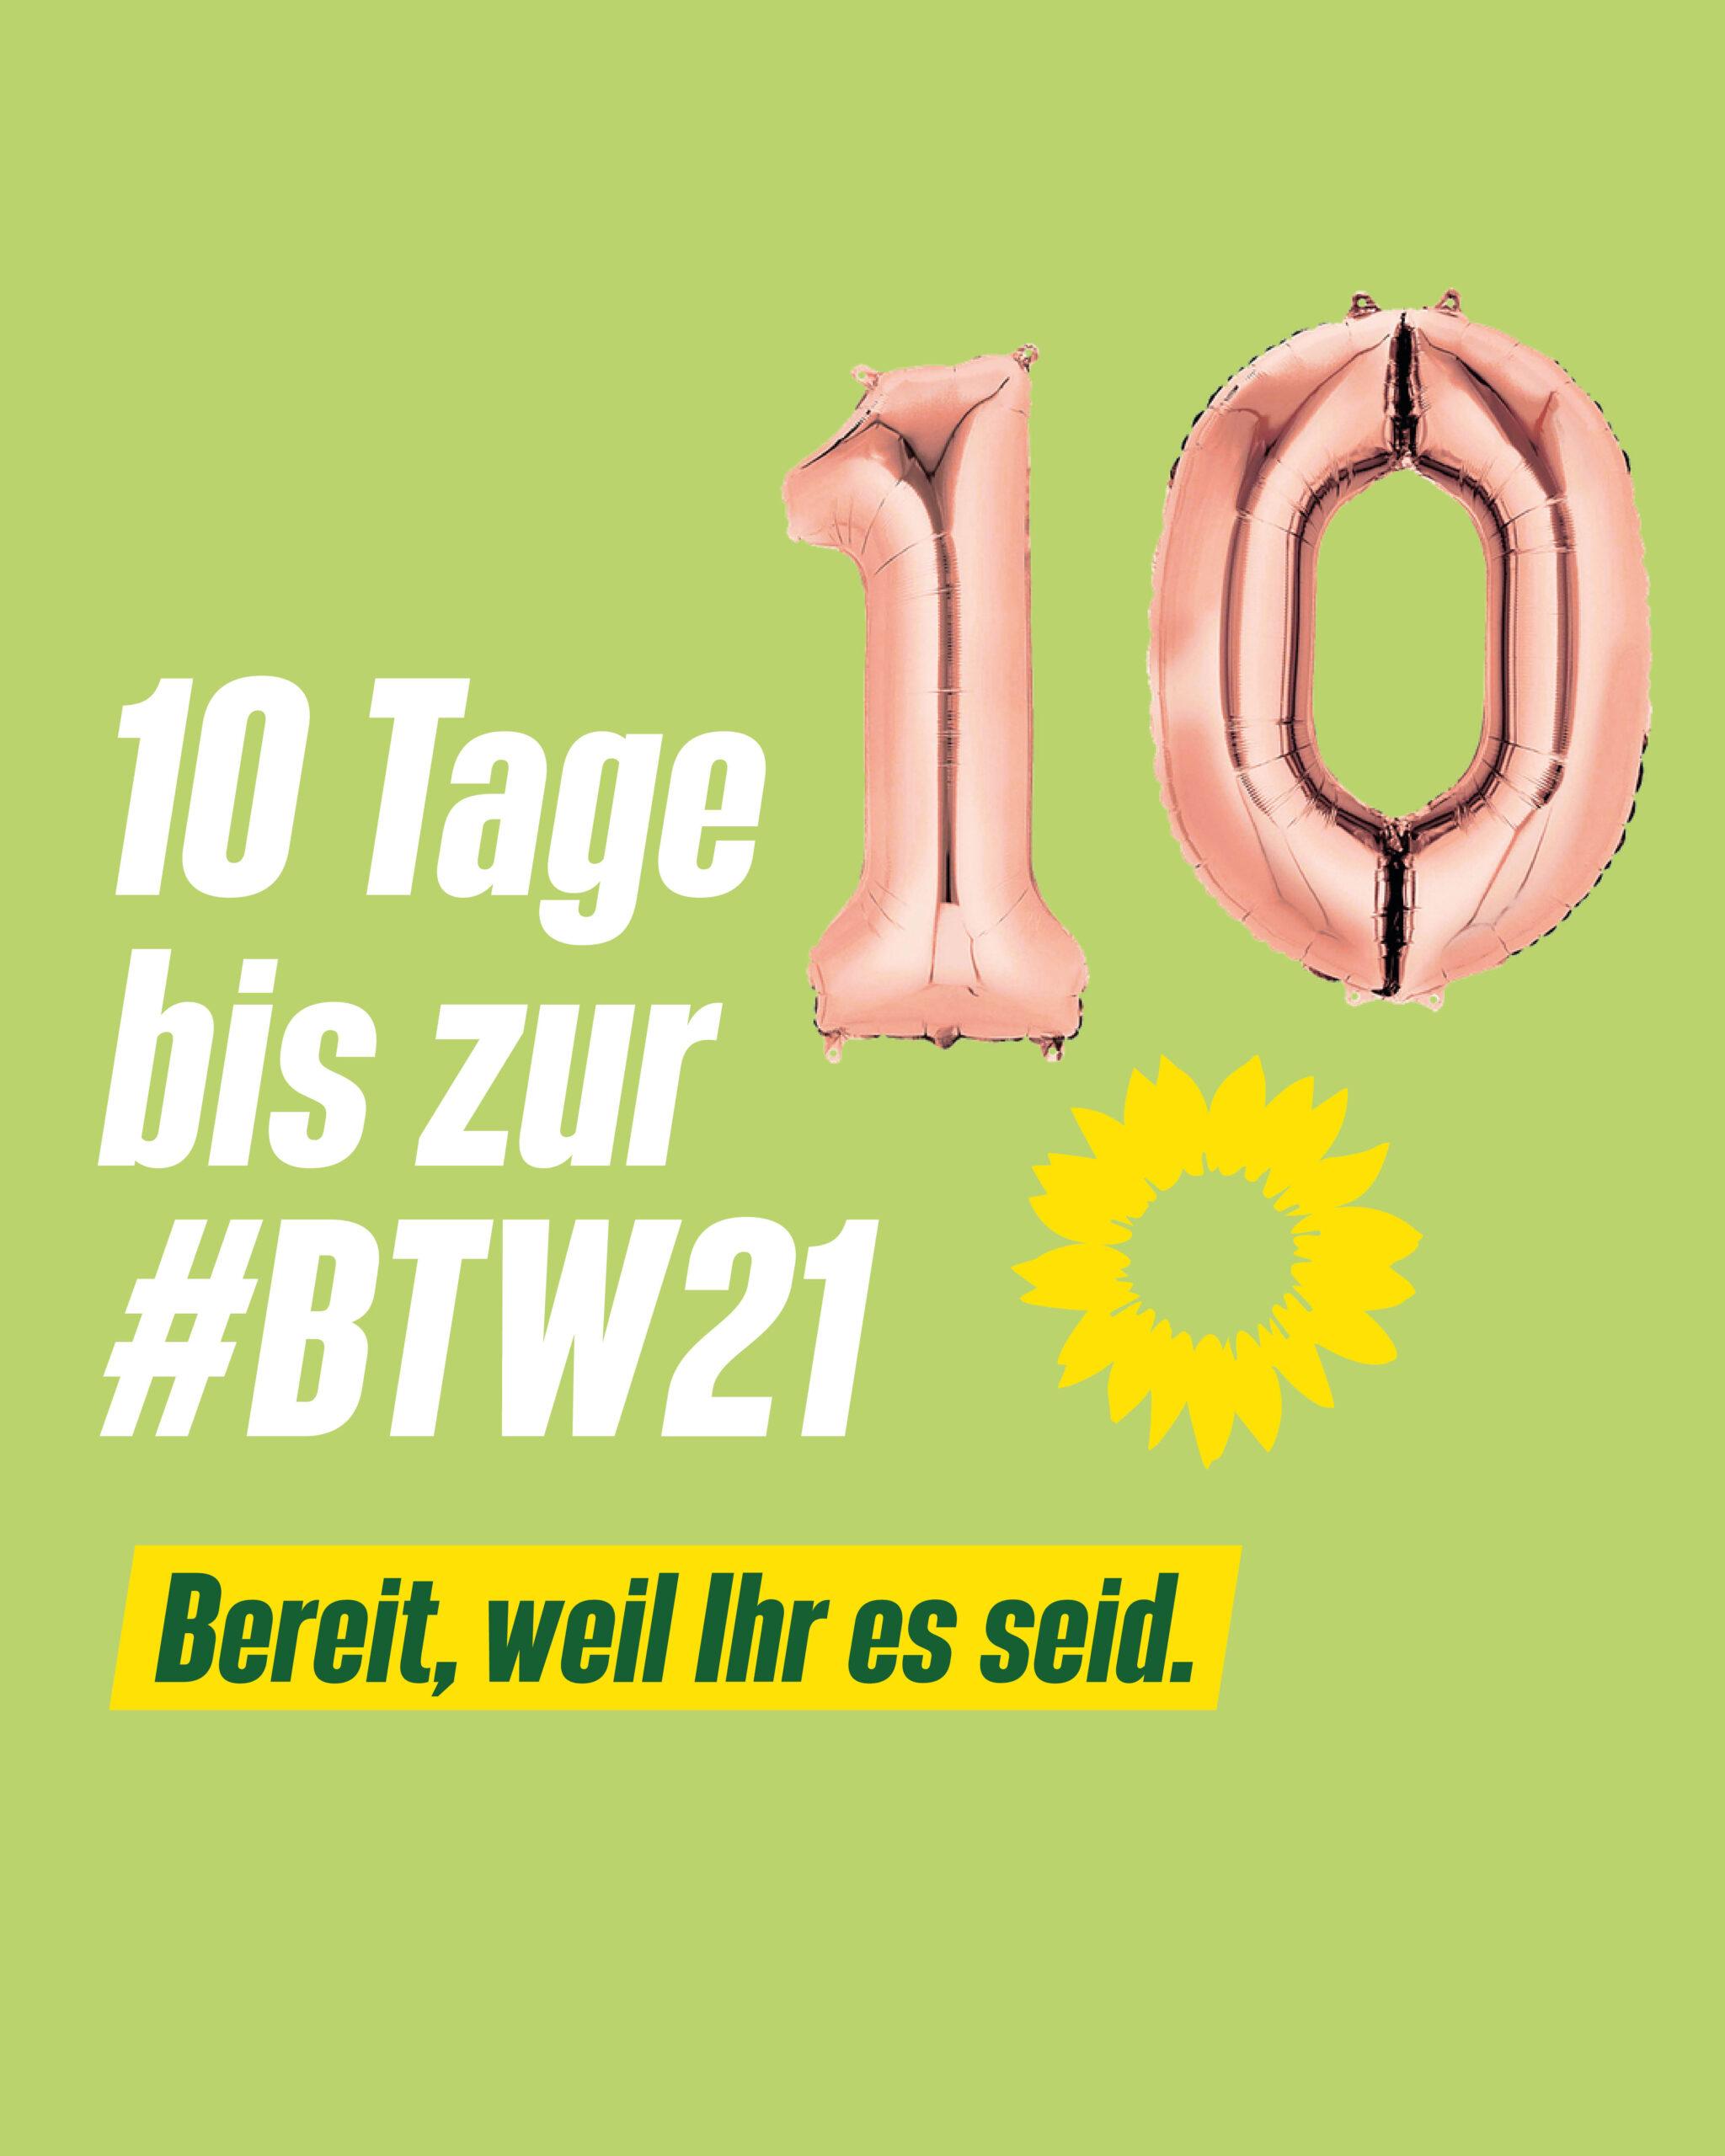 10 Tage bis zur Bundestagswahl